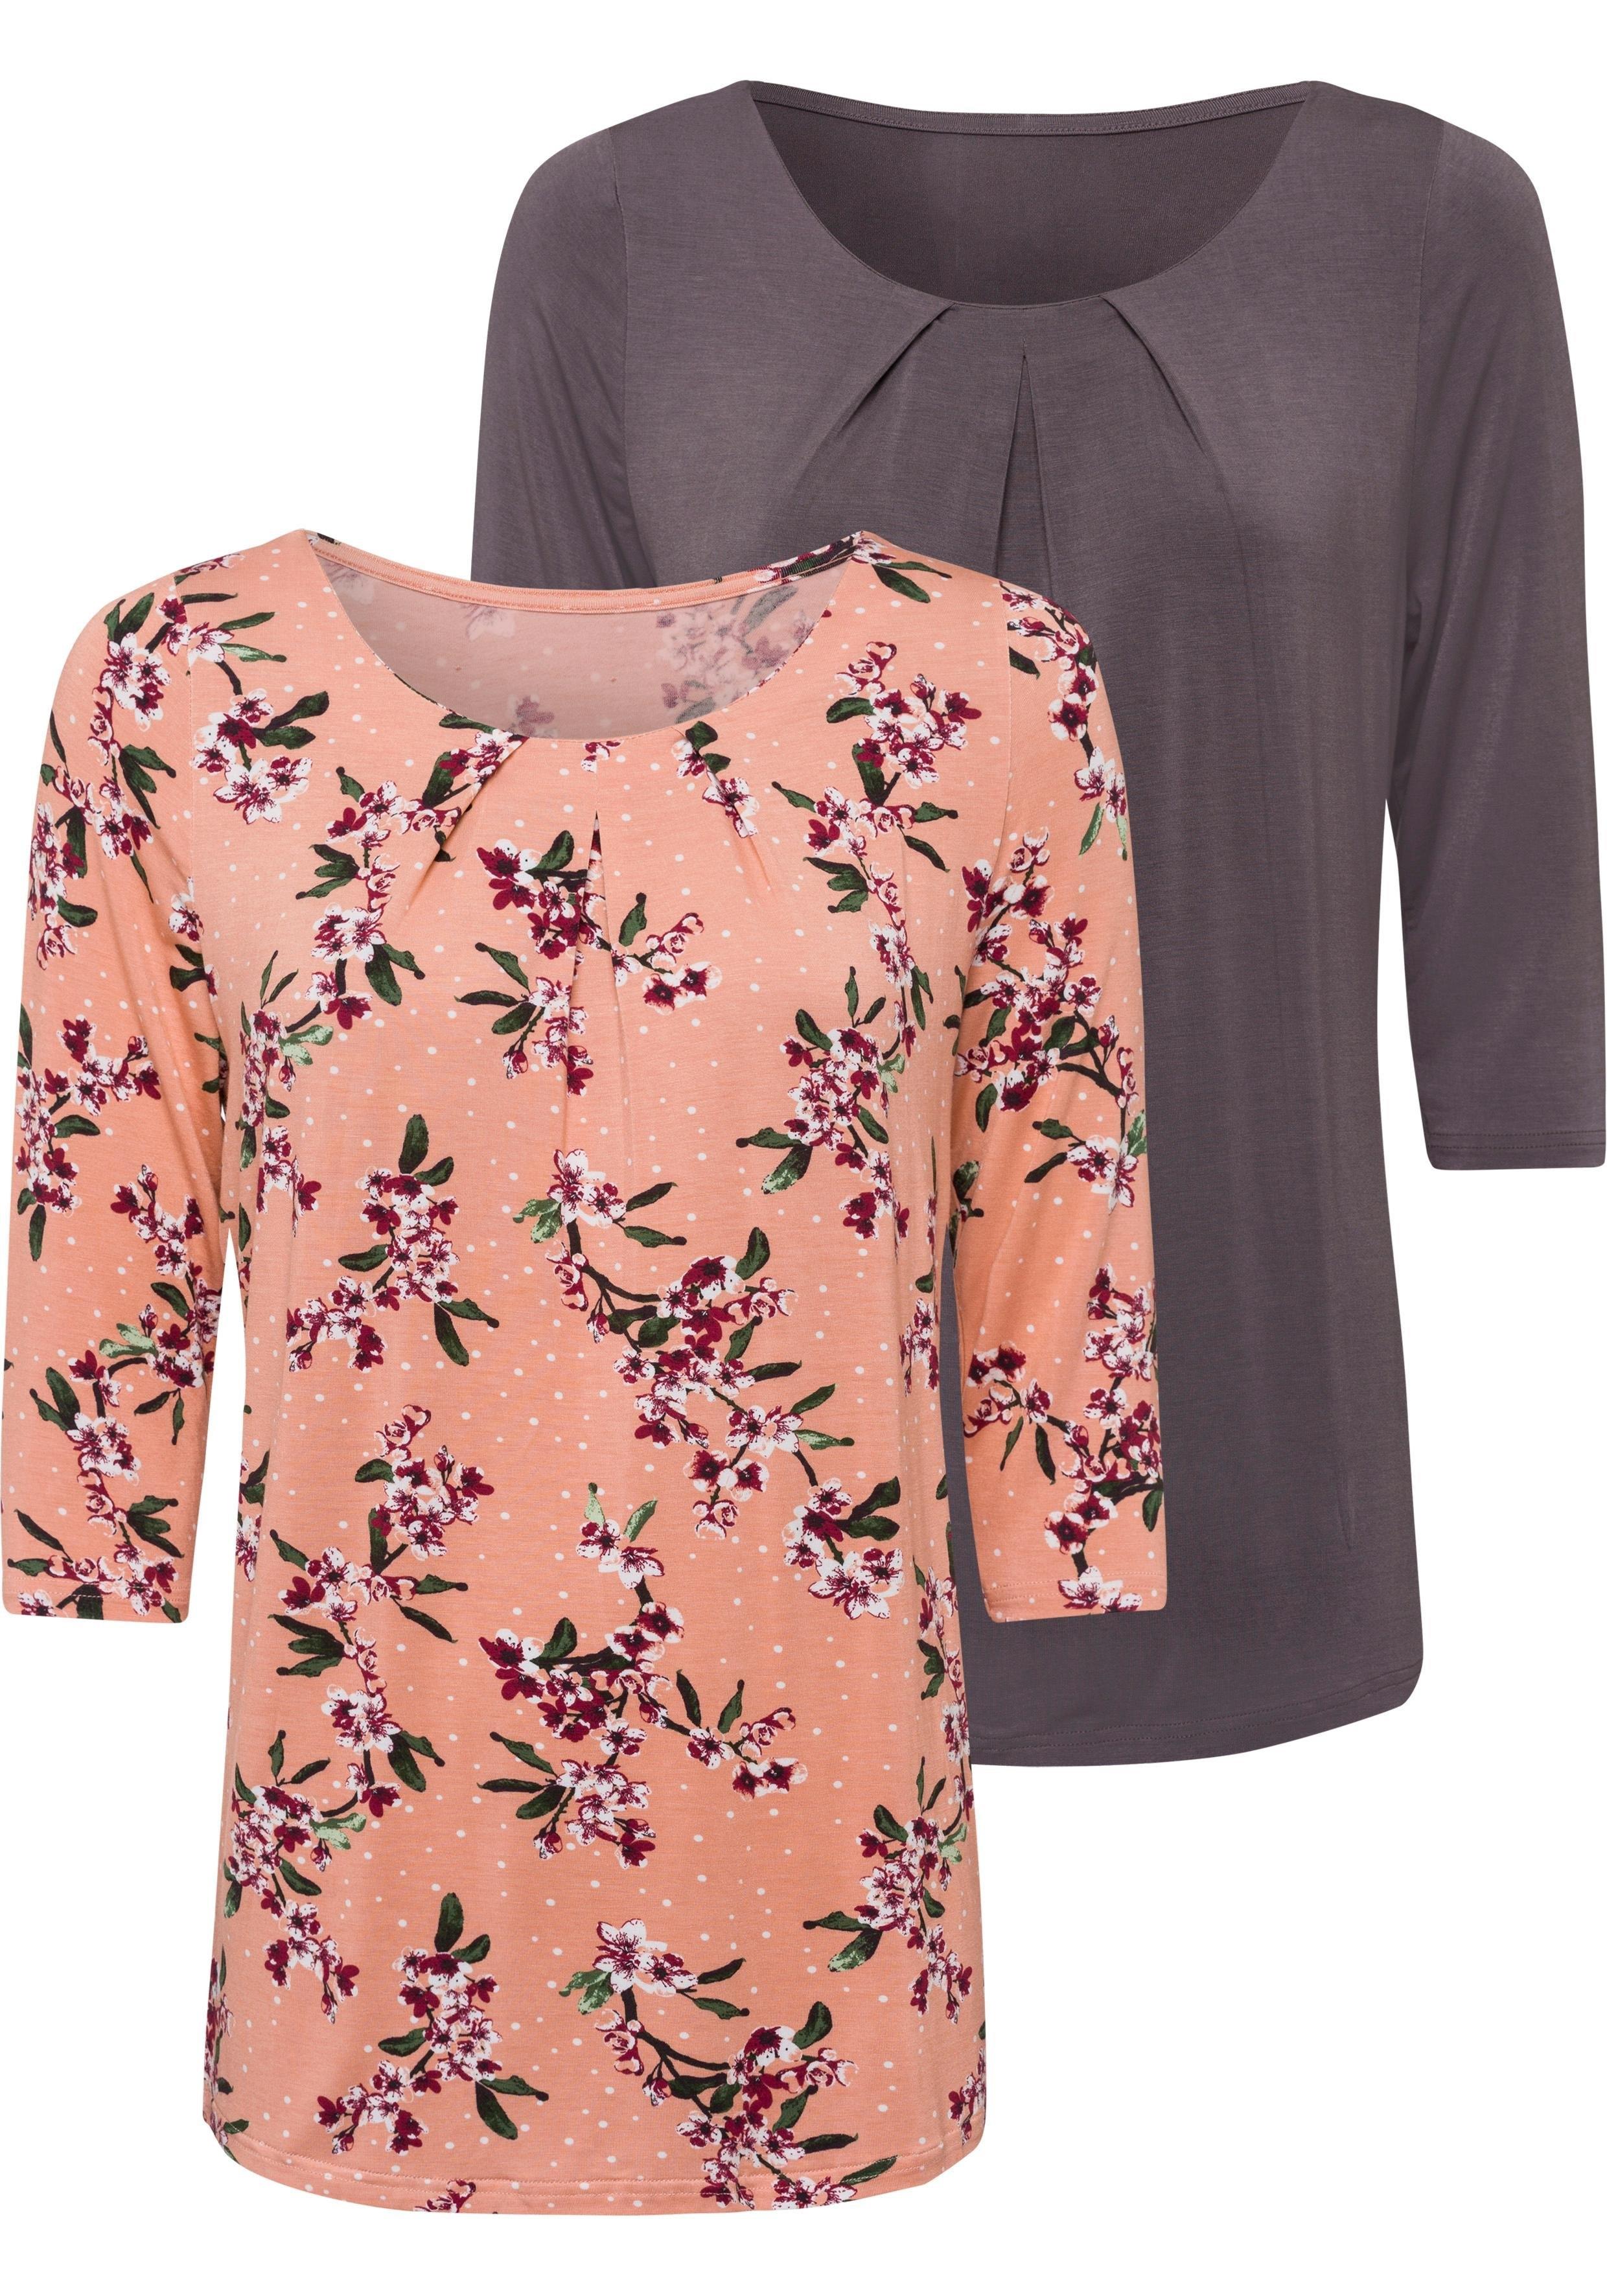 LASCANA shirt, set van 2 - gratis ruilen op lascana.nl